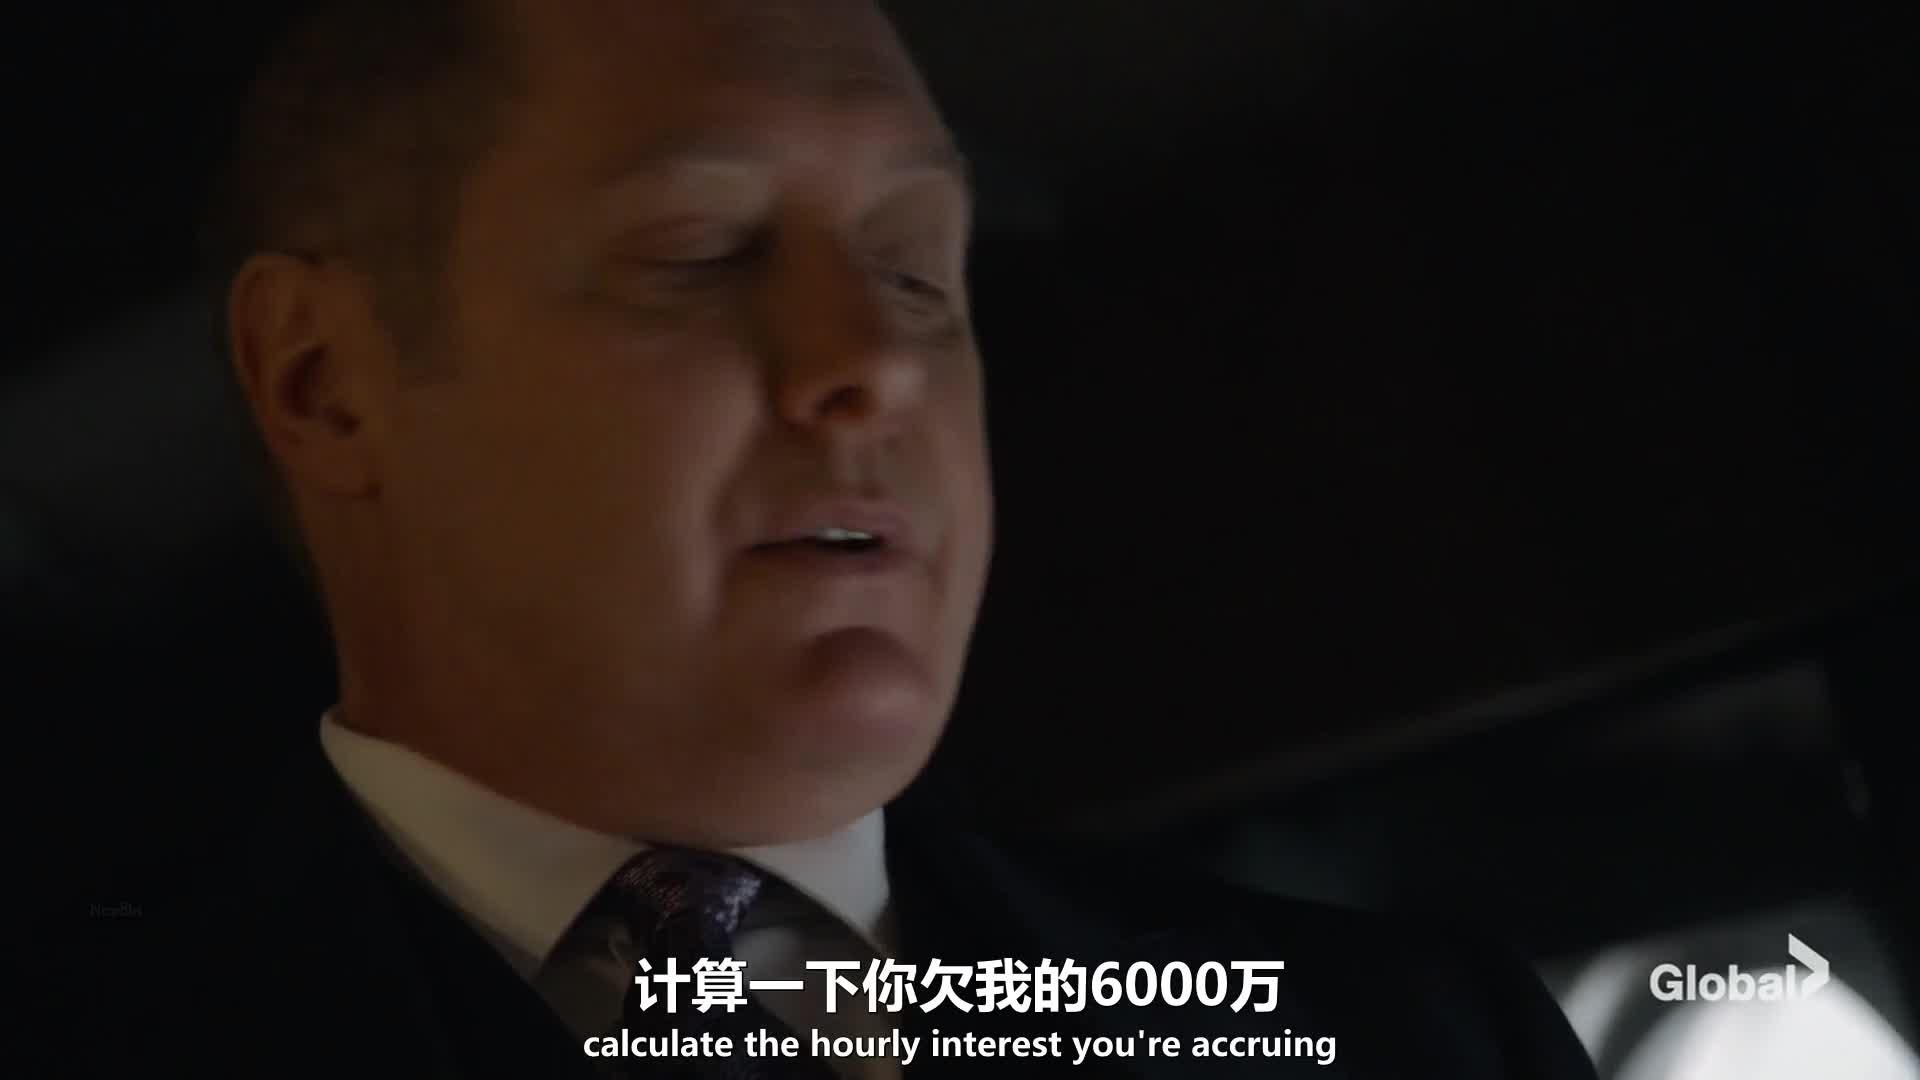 雷丁顿拖延了时间,让阿兰姆查到奥利维亚是在移动的车辆上